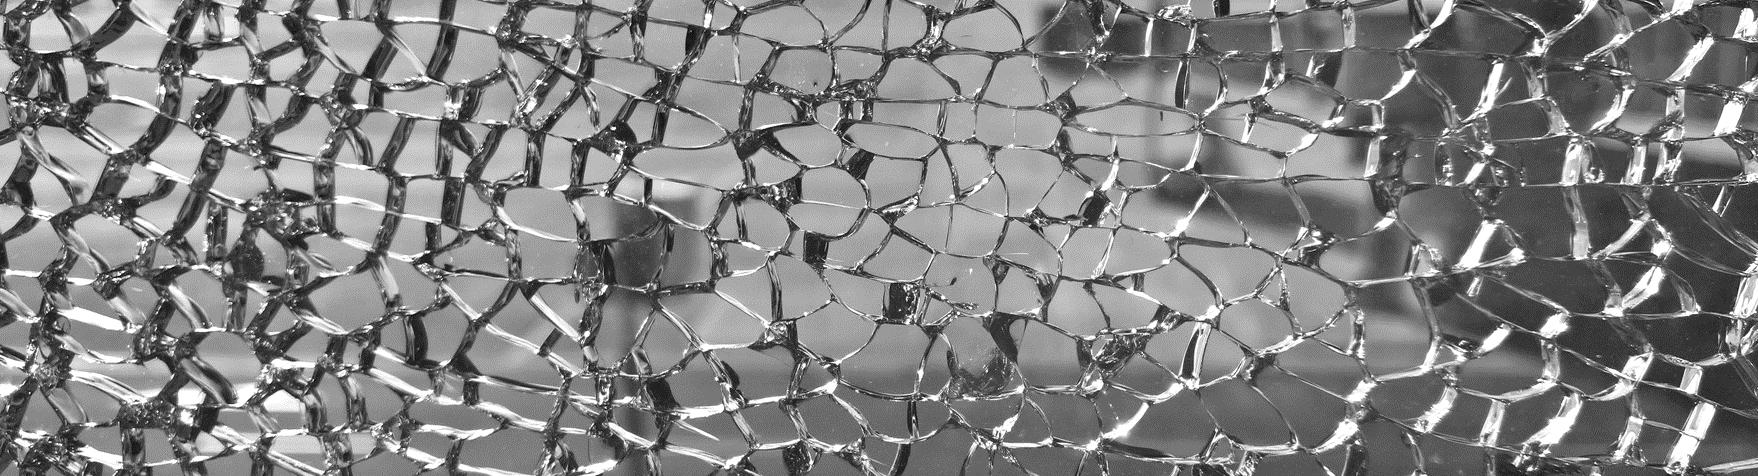 Glasscheiben als Ersatzteil bruchsicher verpacken